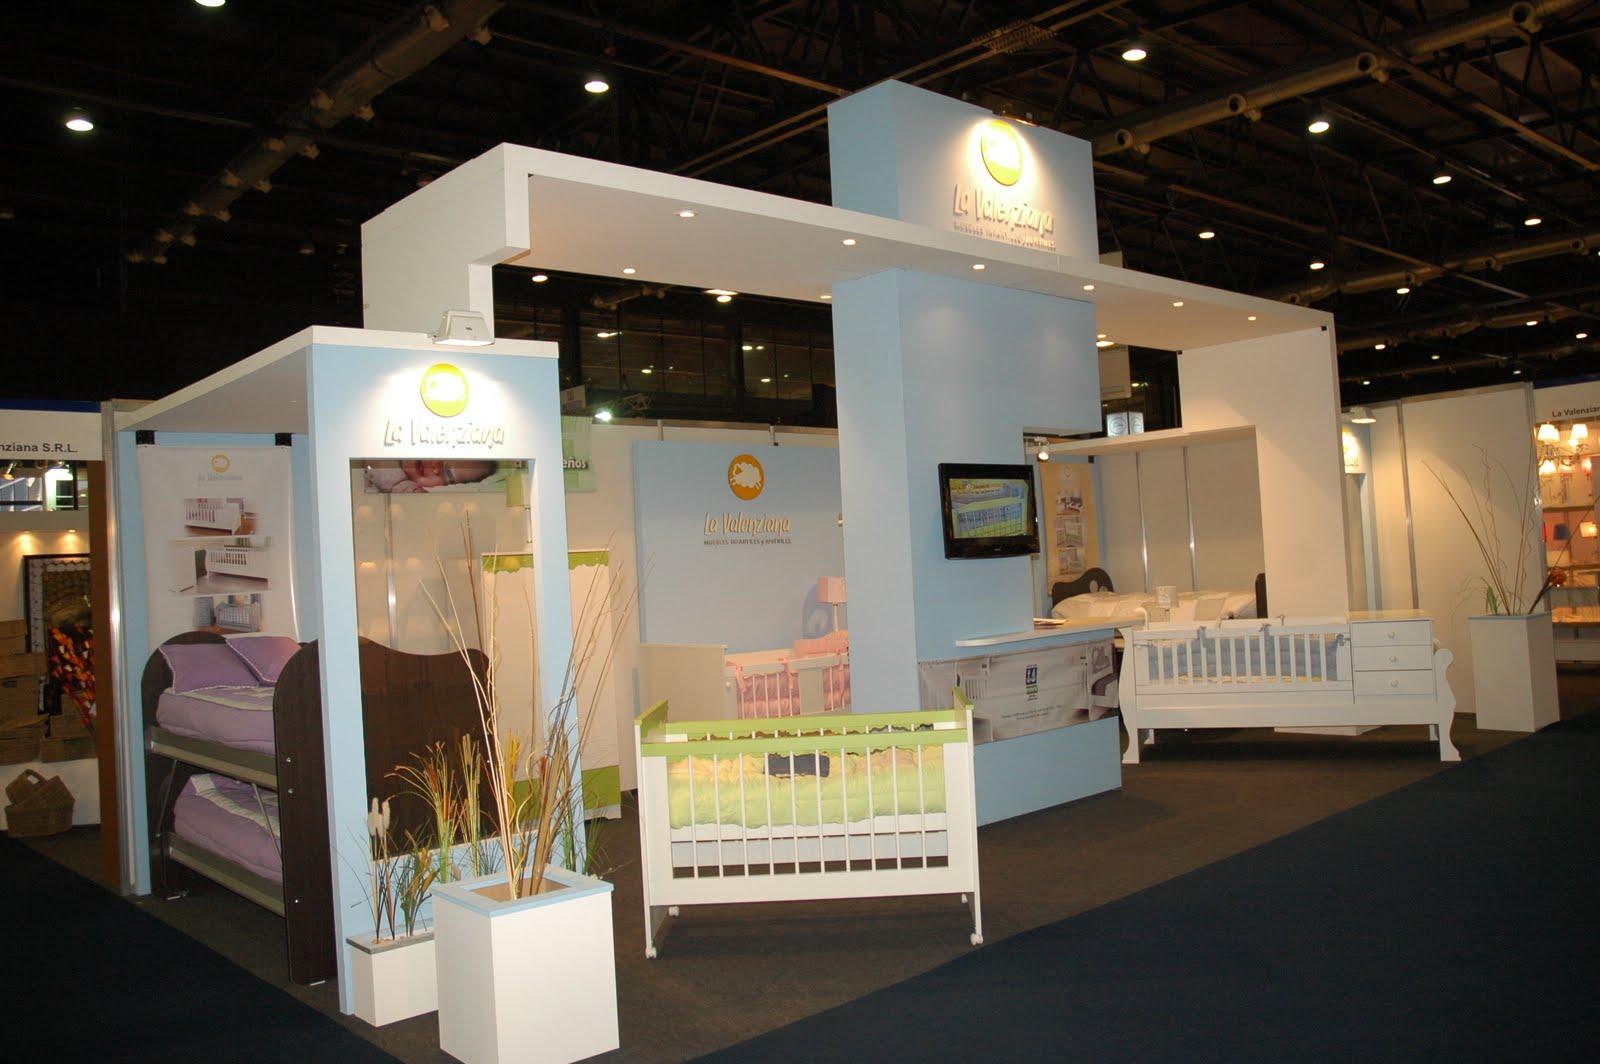 La Valenziana Expo Presente 2010